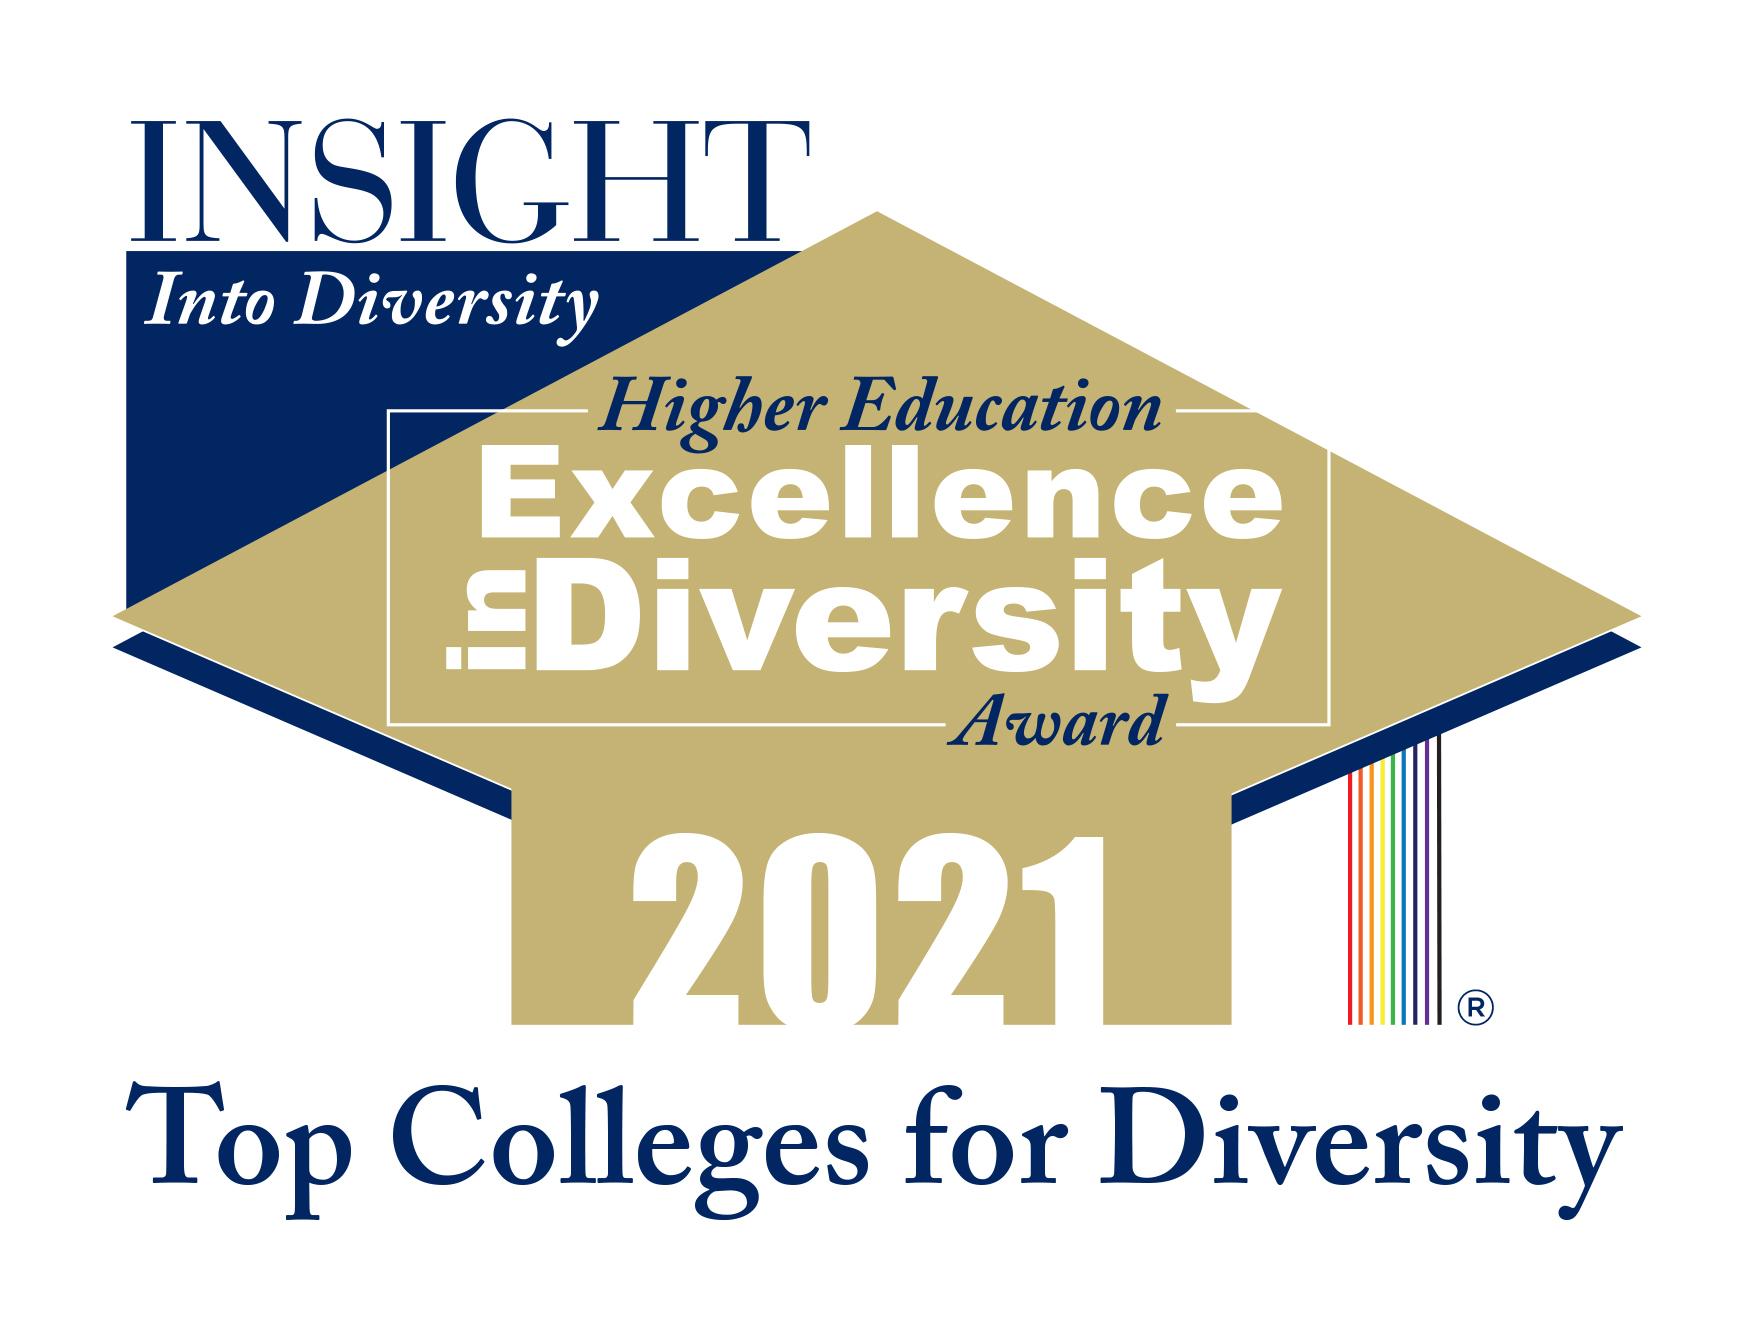 2021 HEED Award logo